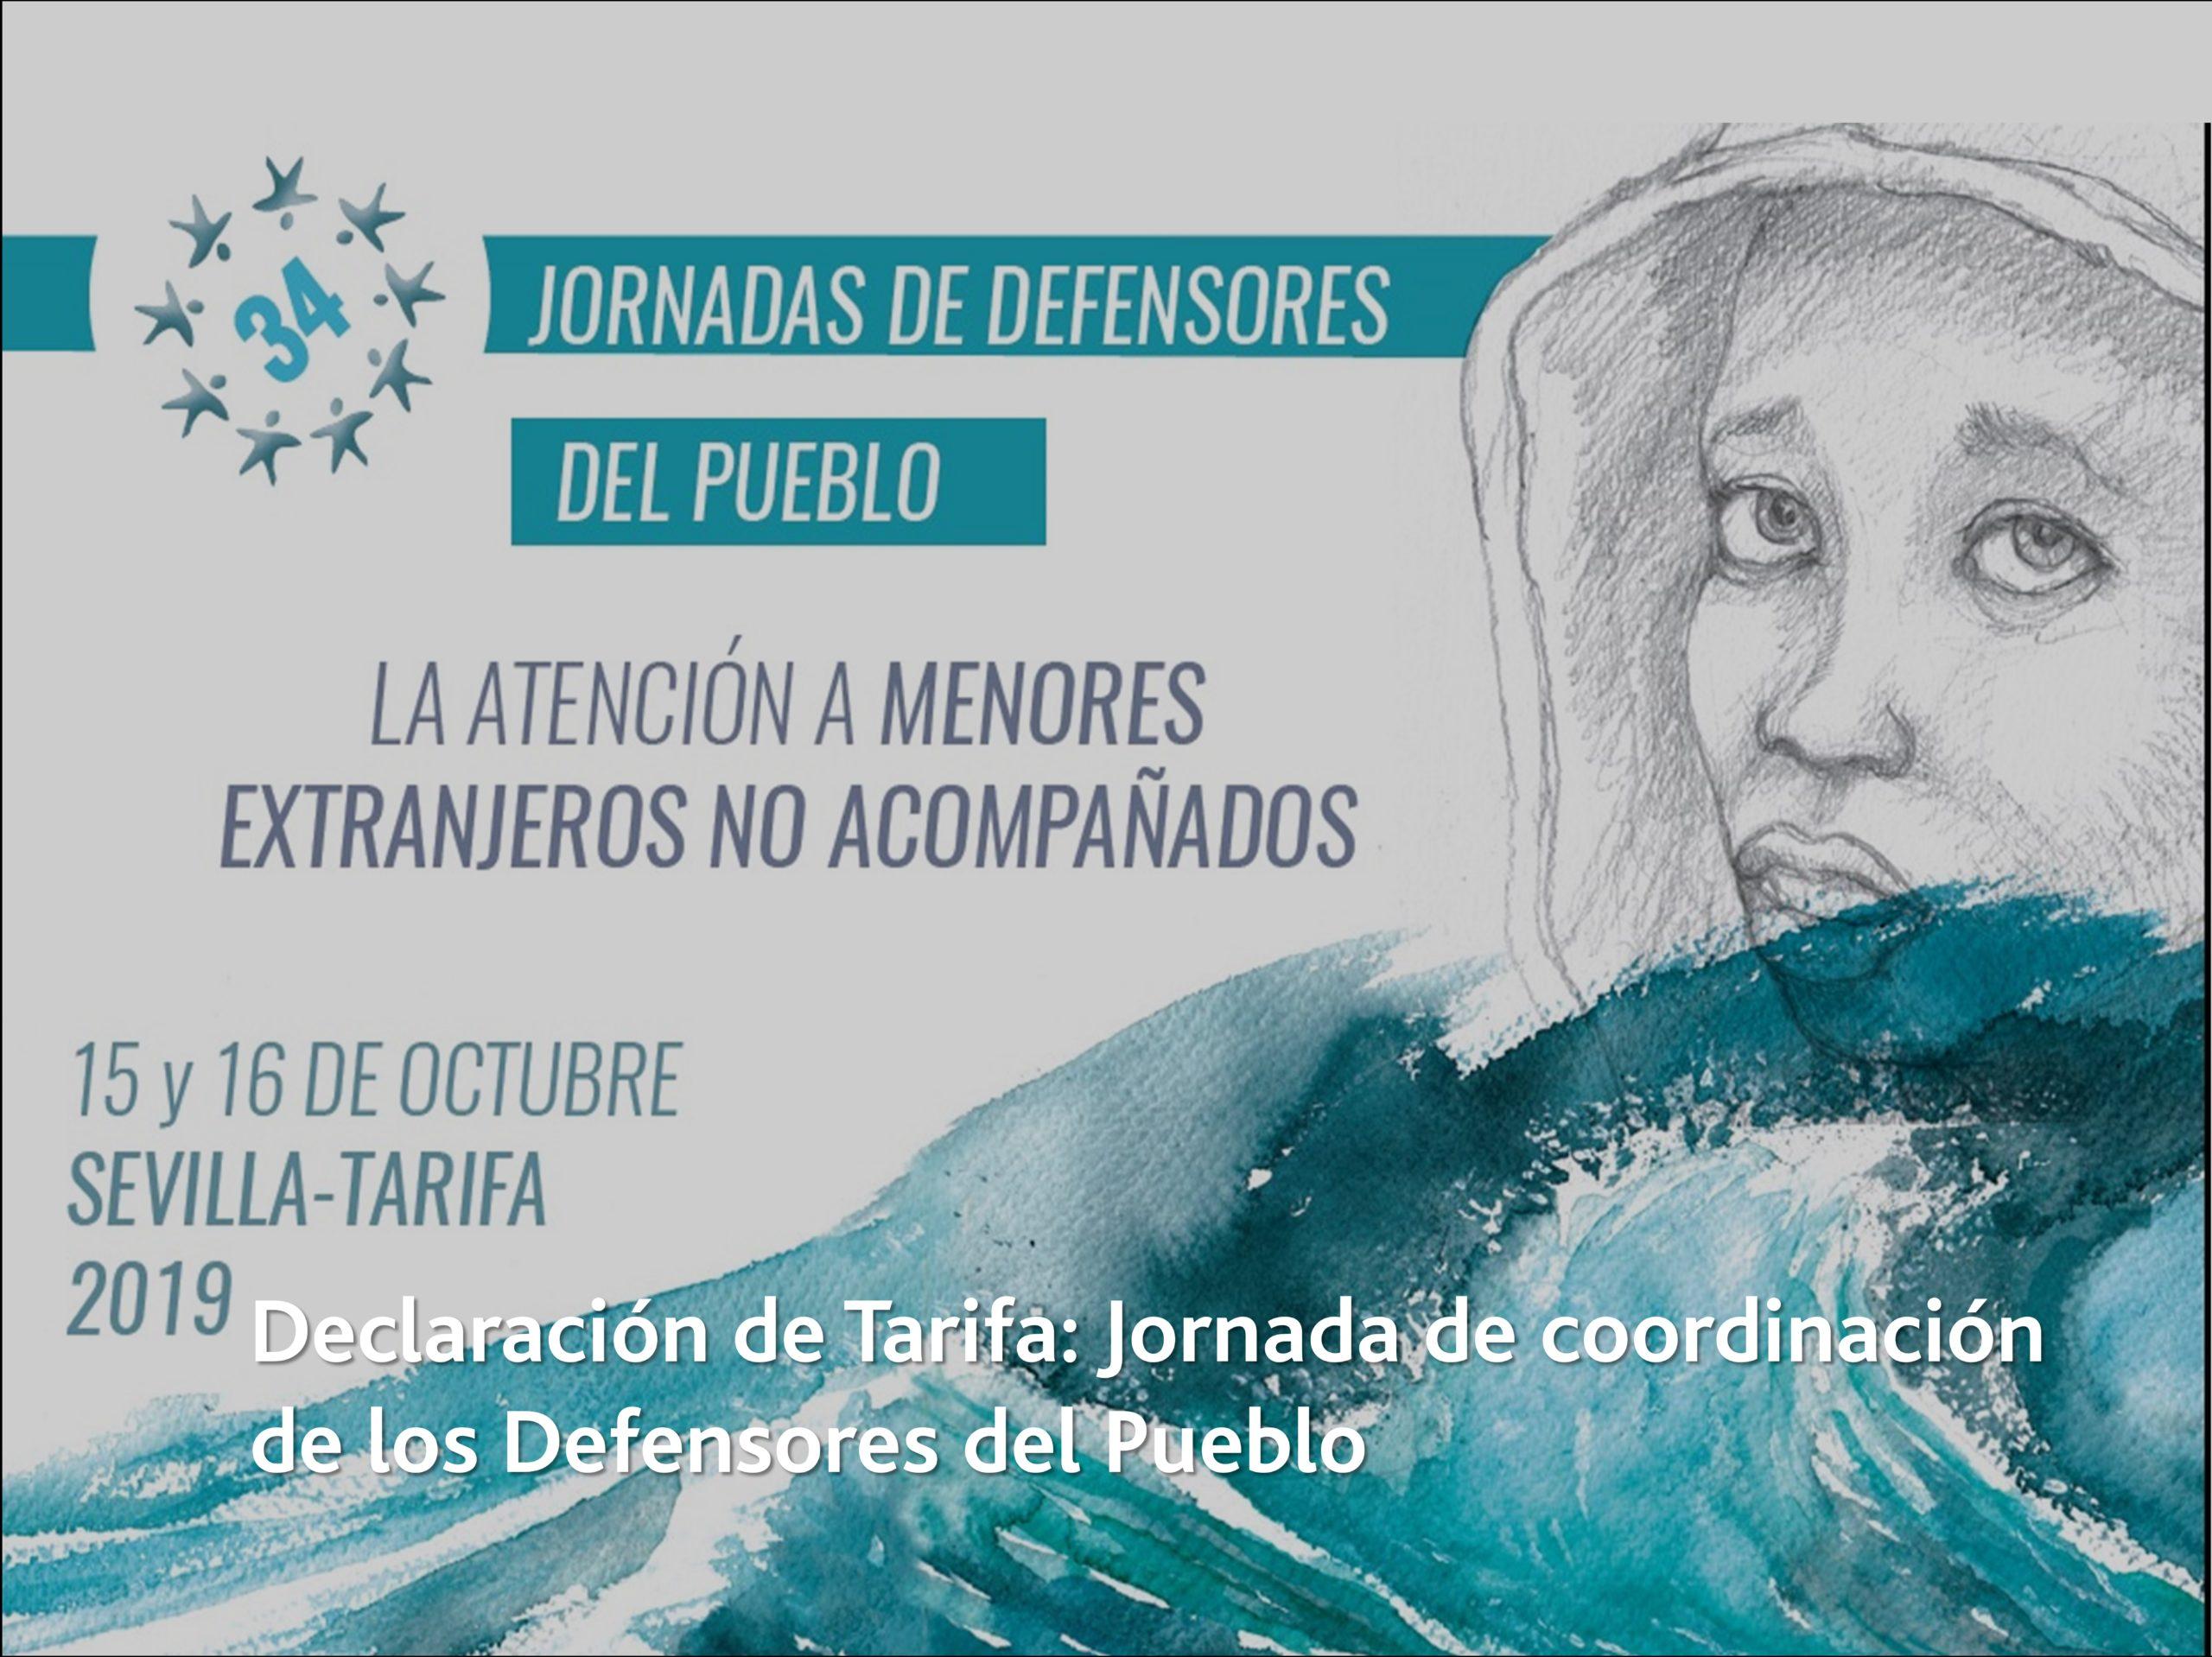 Declaración de Tarifa